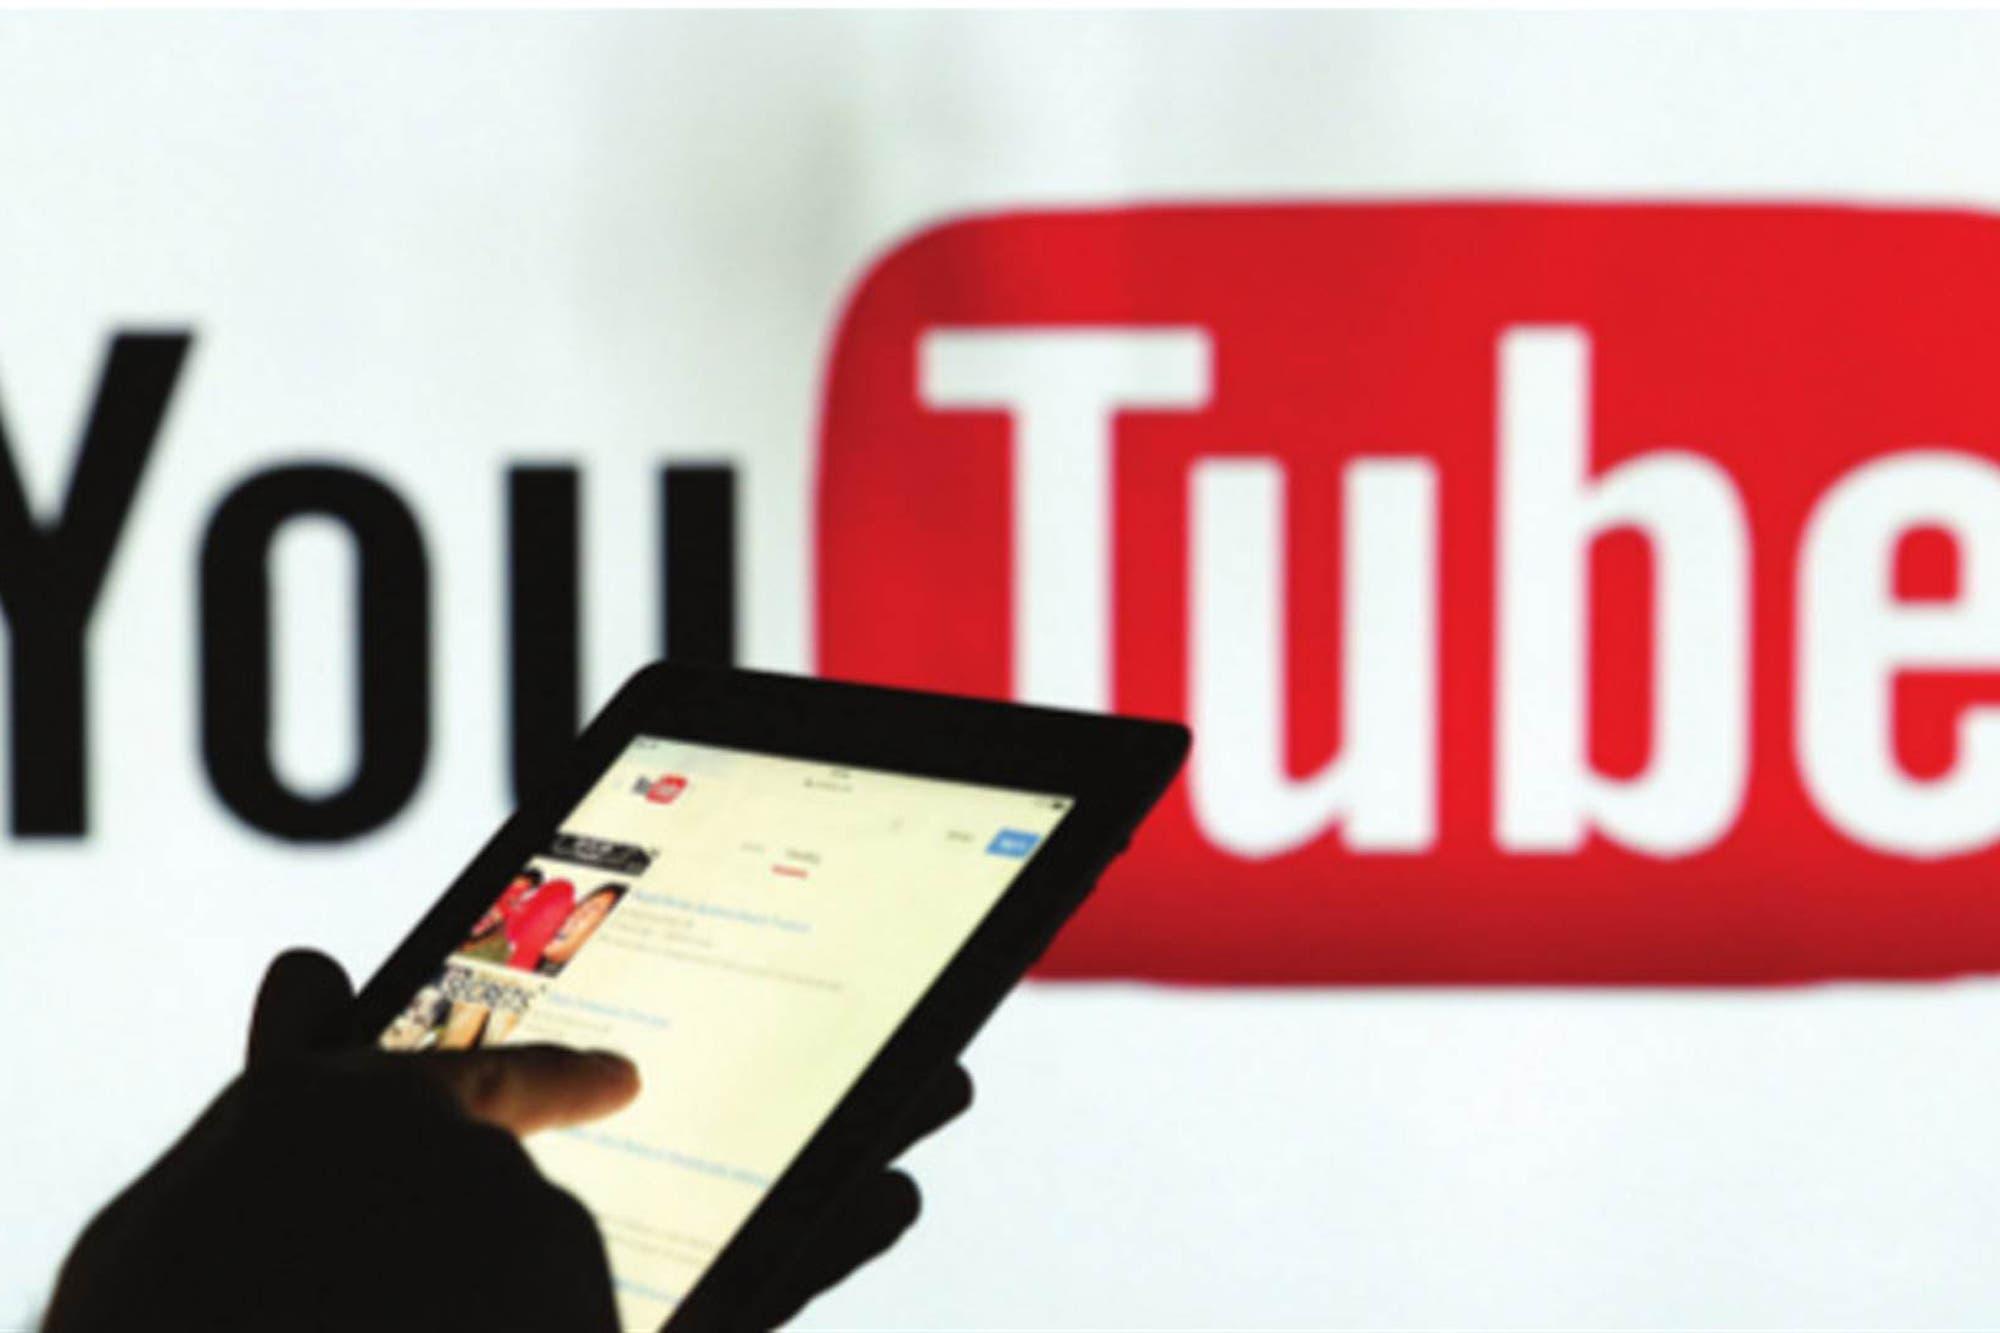 Con trap y videojuegos: este es el ranking de videos más vistos en 2020 por los argentinos en YouTube